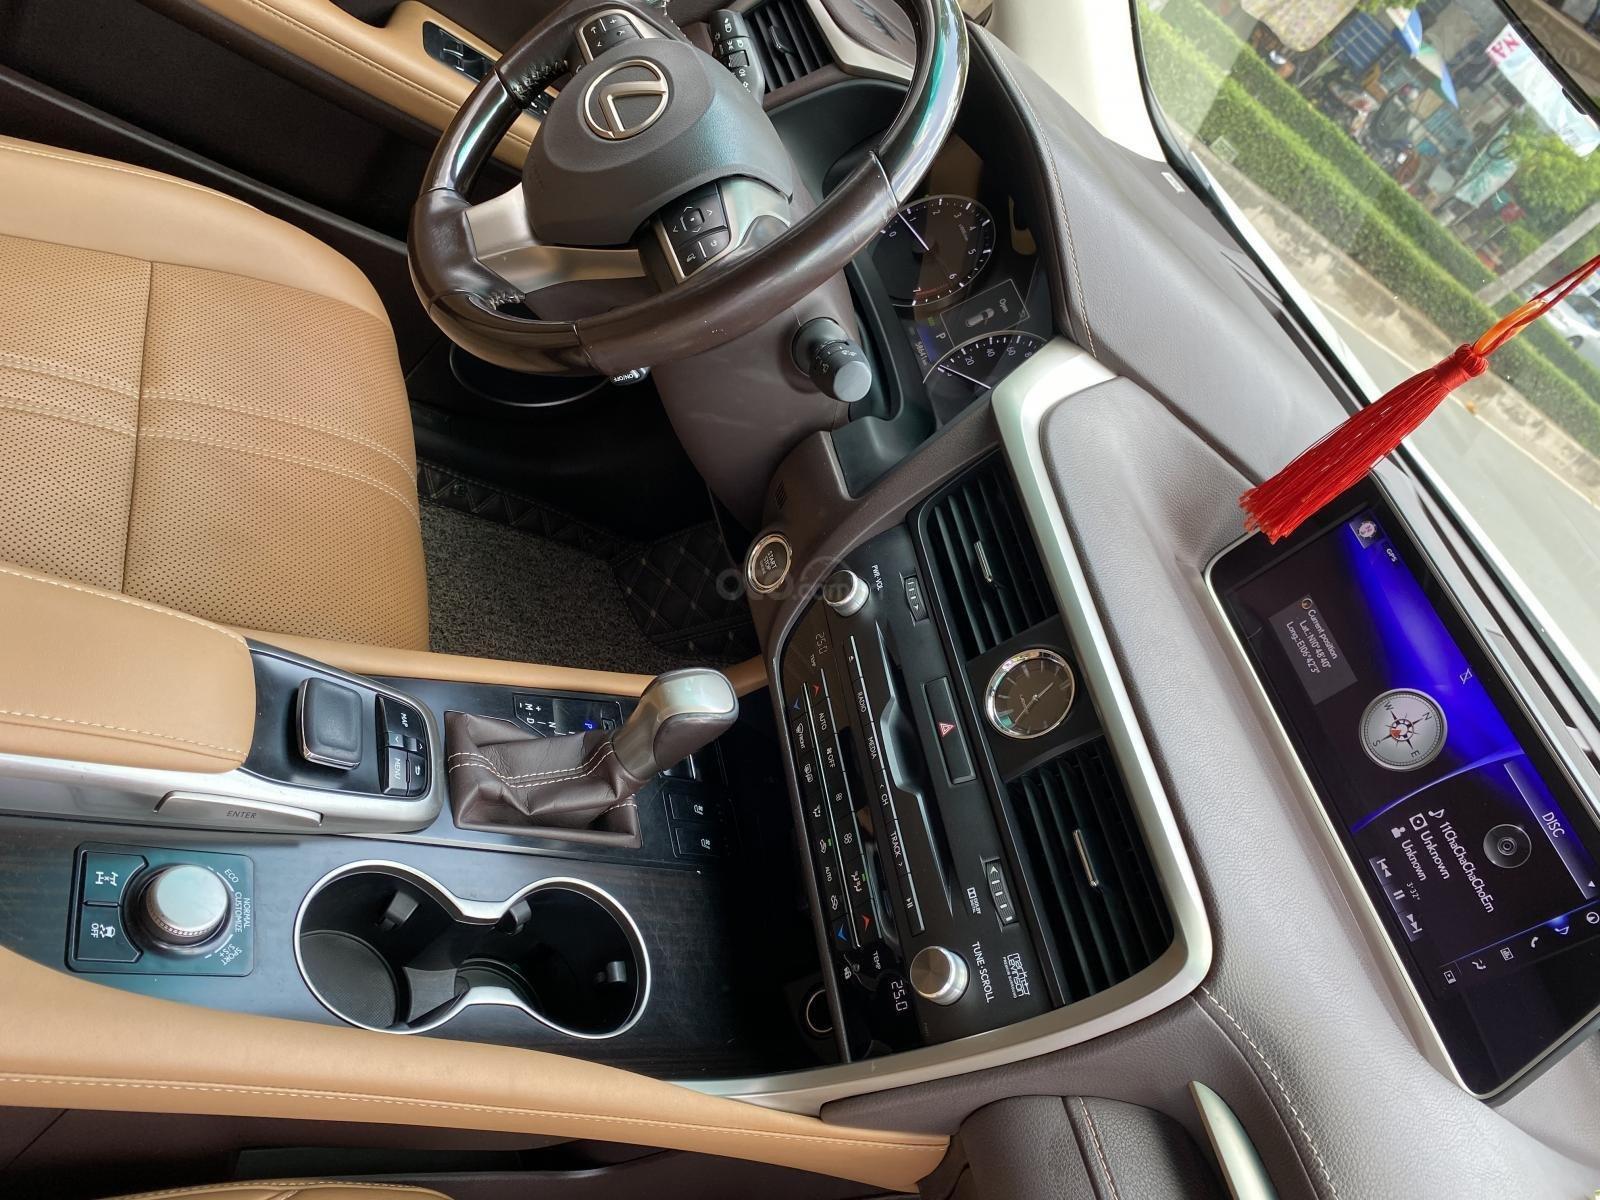 Lexus RX350 nhập Mỹ cuối 2016, mẫu mới nhất, màu trắng, hàng full cao cấp, đủ đồ chơi không thiếu món nào hắt kính loa Mark (11)